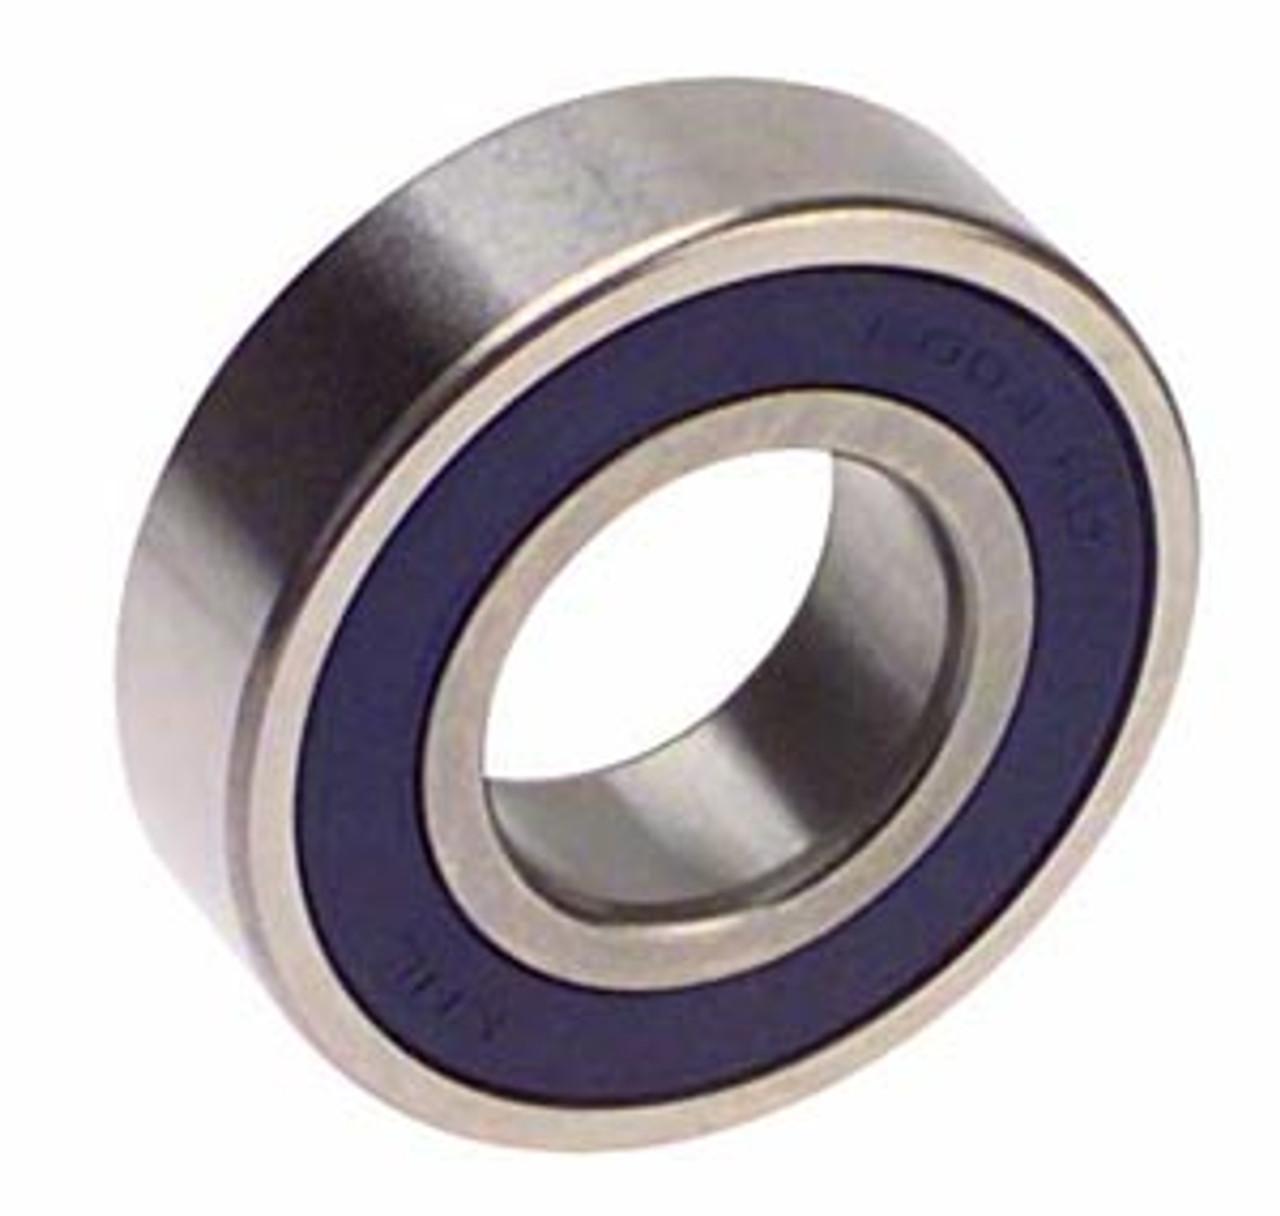 ProCutKSP-116, KS-116 & KS-120 - Lower Bearings - M500186